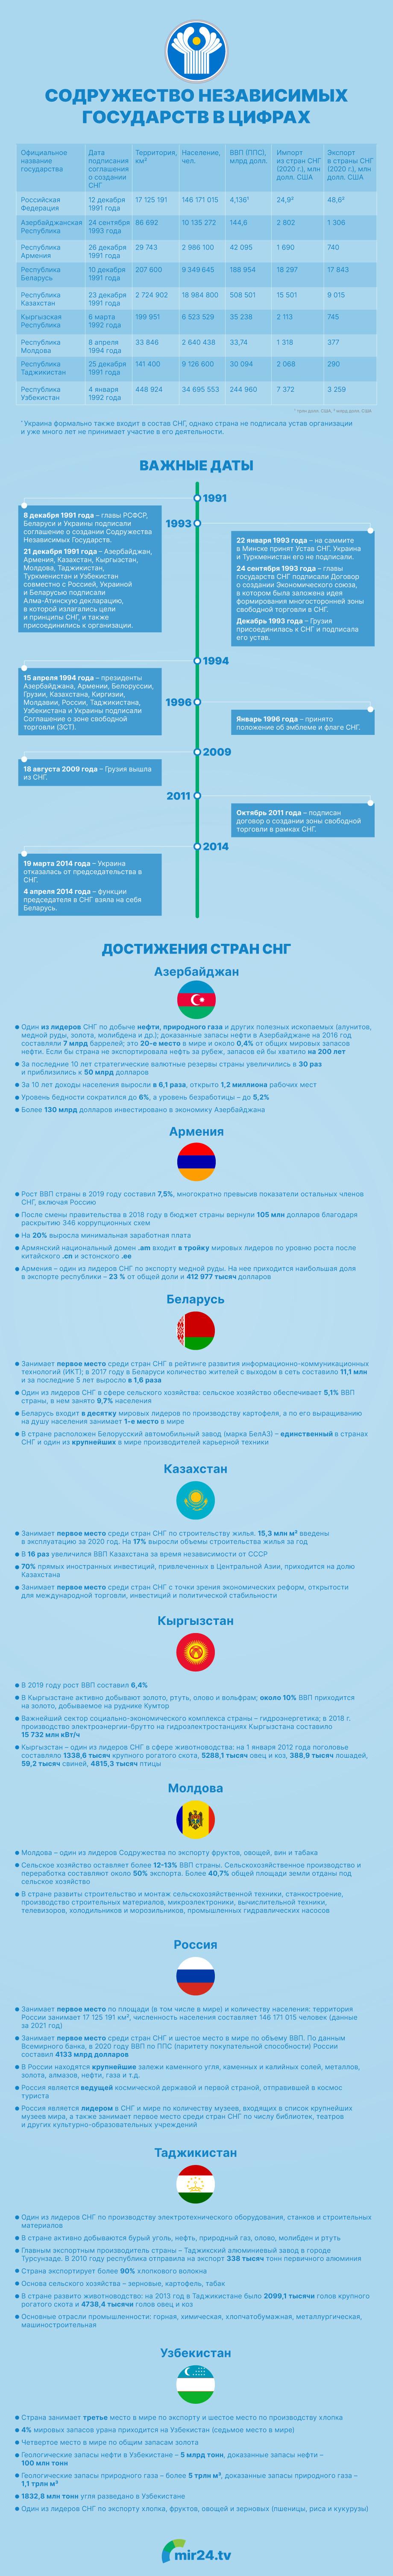 СНГ в цифрах. Инфографика